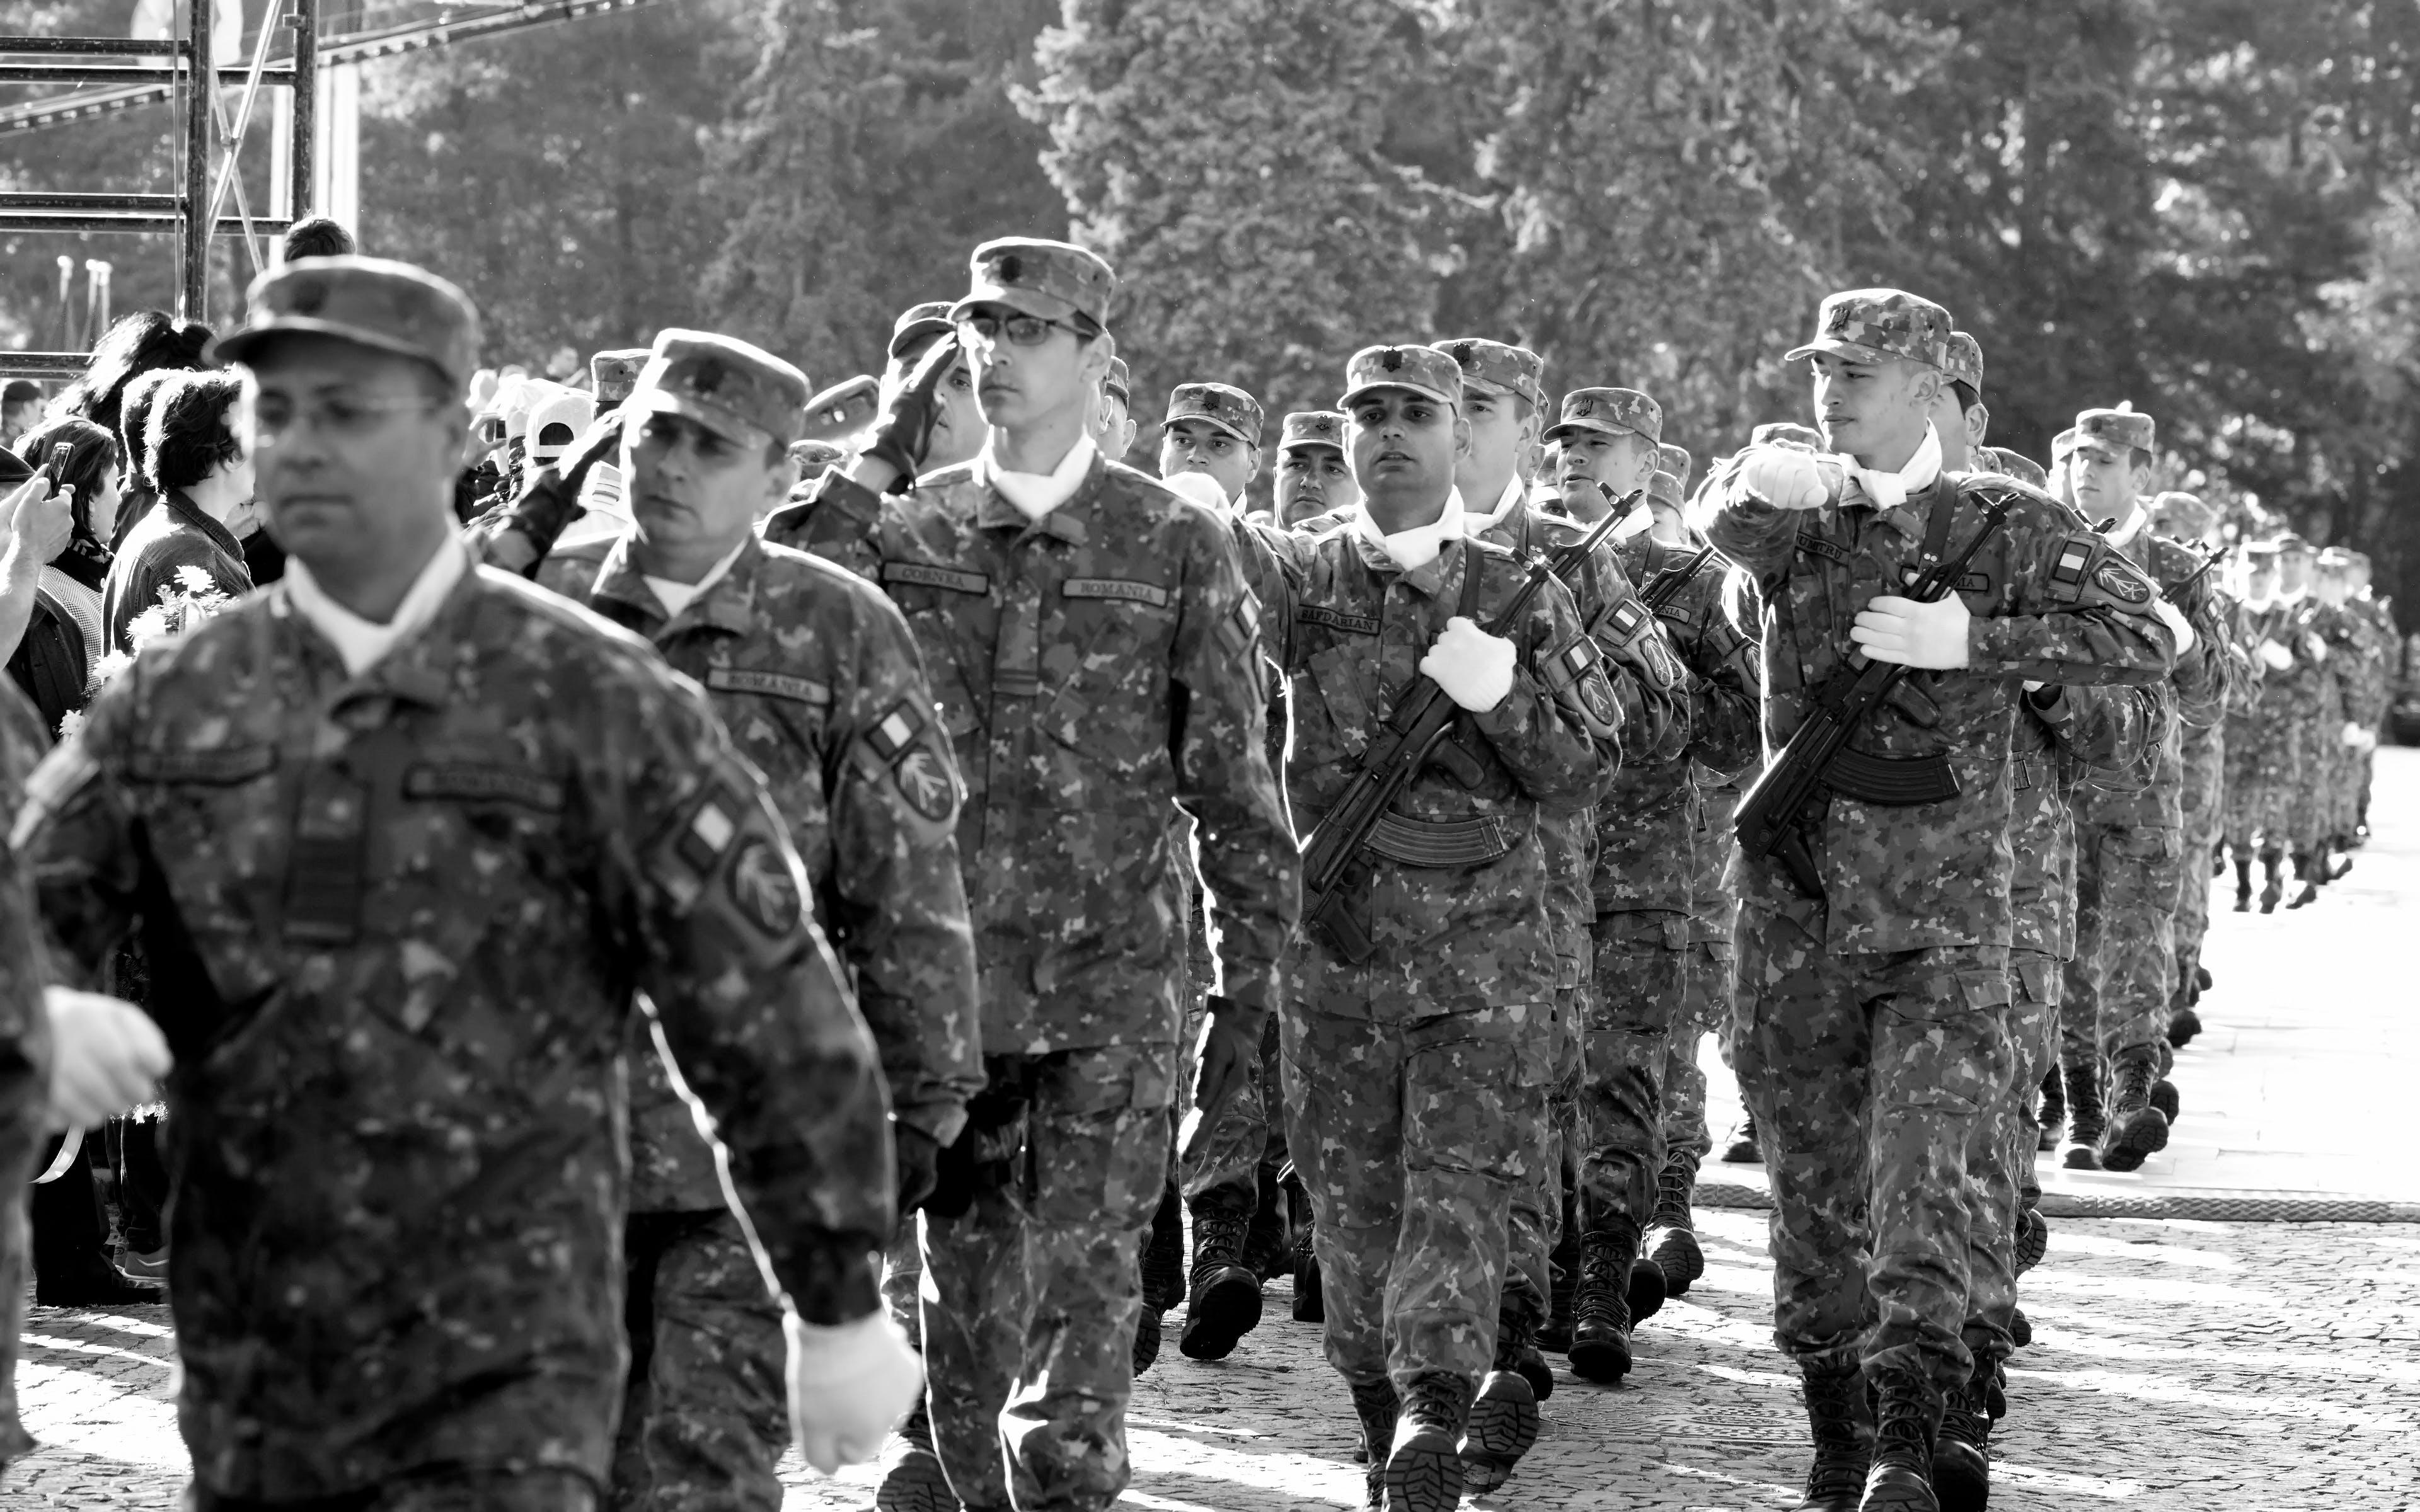 Kostnadsfri bild av administrering, armén, enhetlig, ha på sig